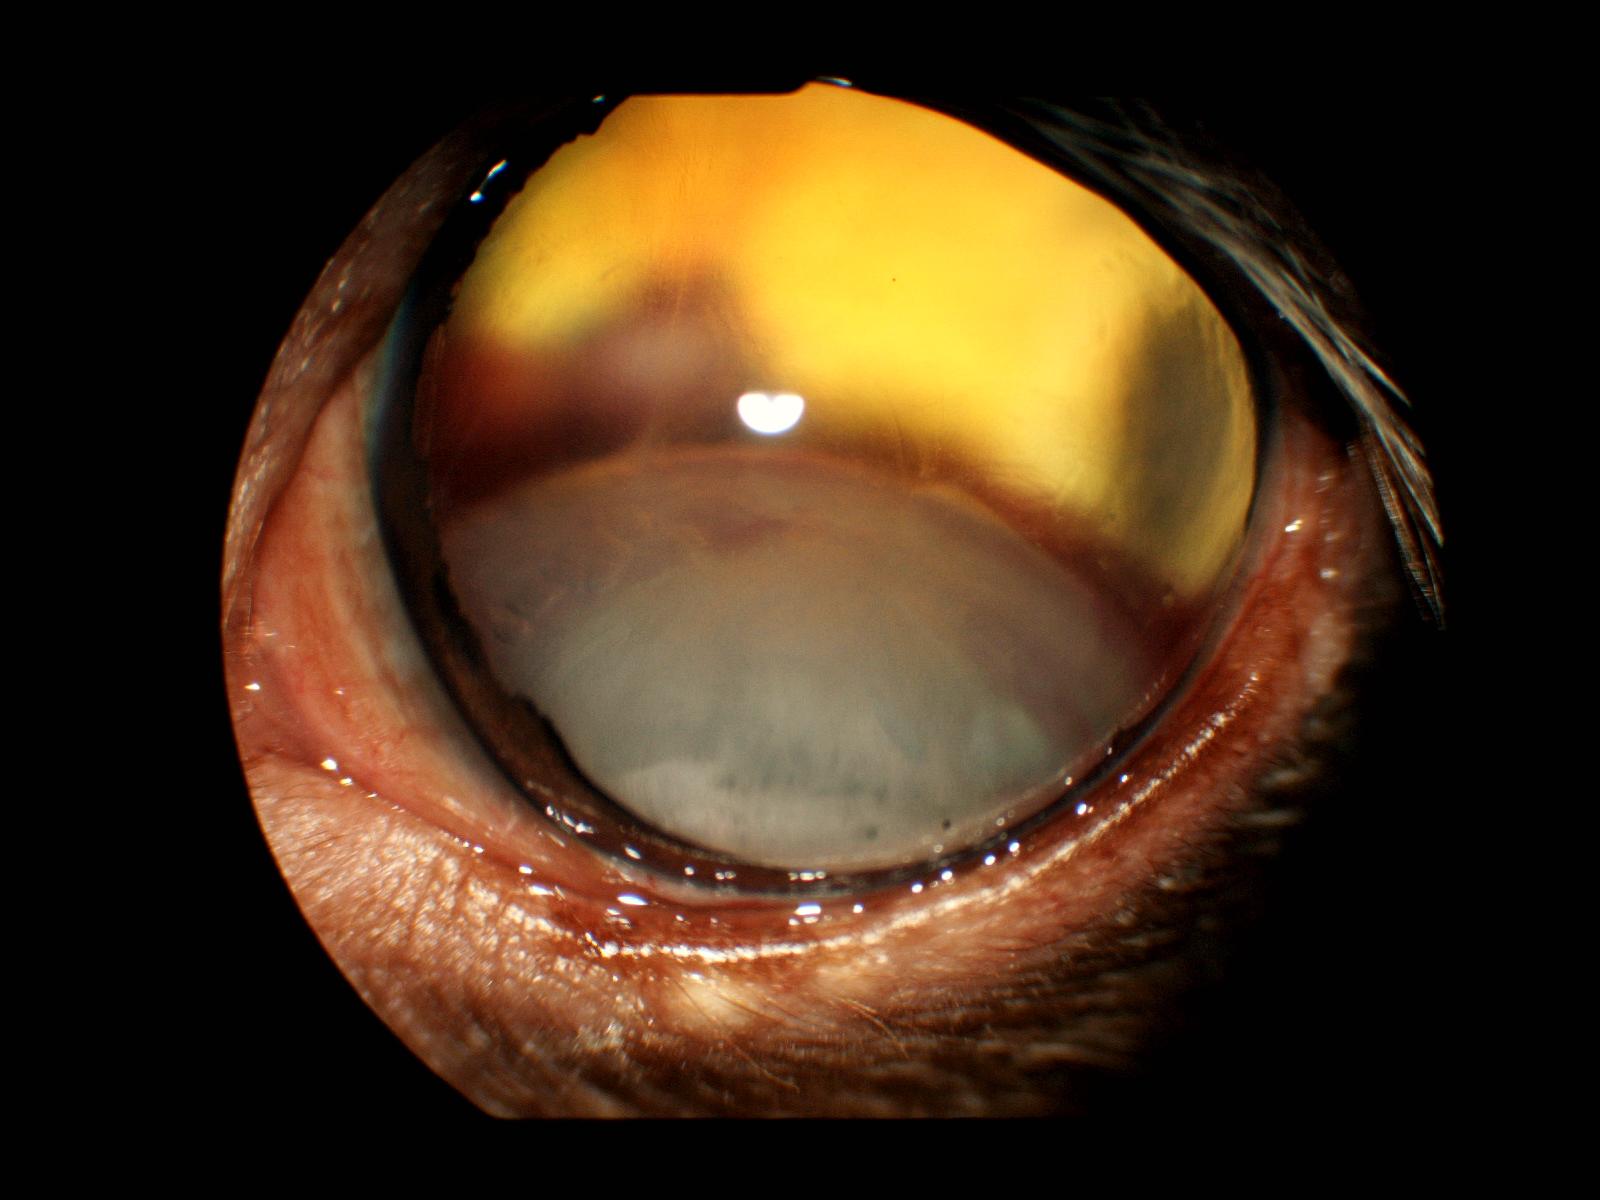 【眼科】犬の水晶体後方脱臼 〜実際に受診された子たちのと眼の病気の紹介⑦〜|りんごの樹動物病院 | 愛知県安城市の動物病院です